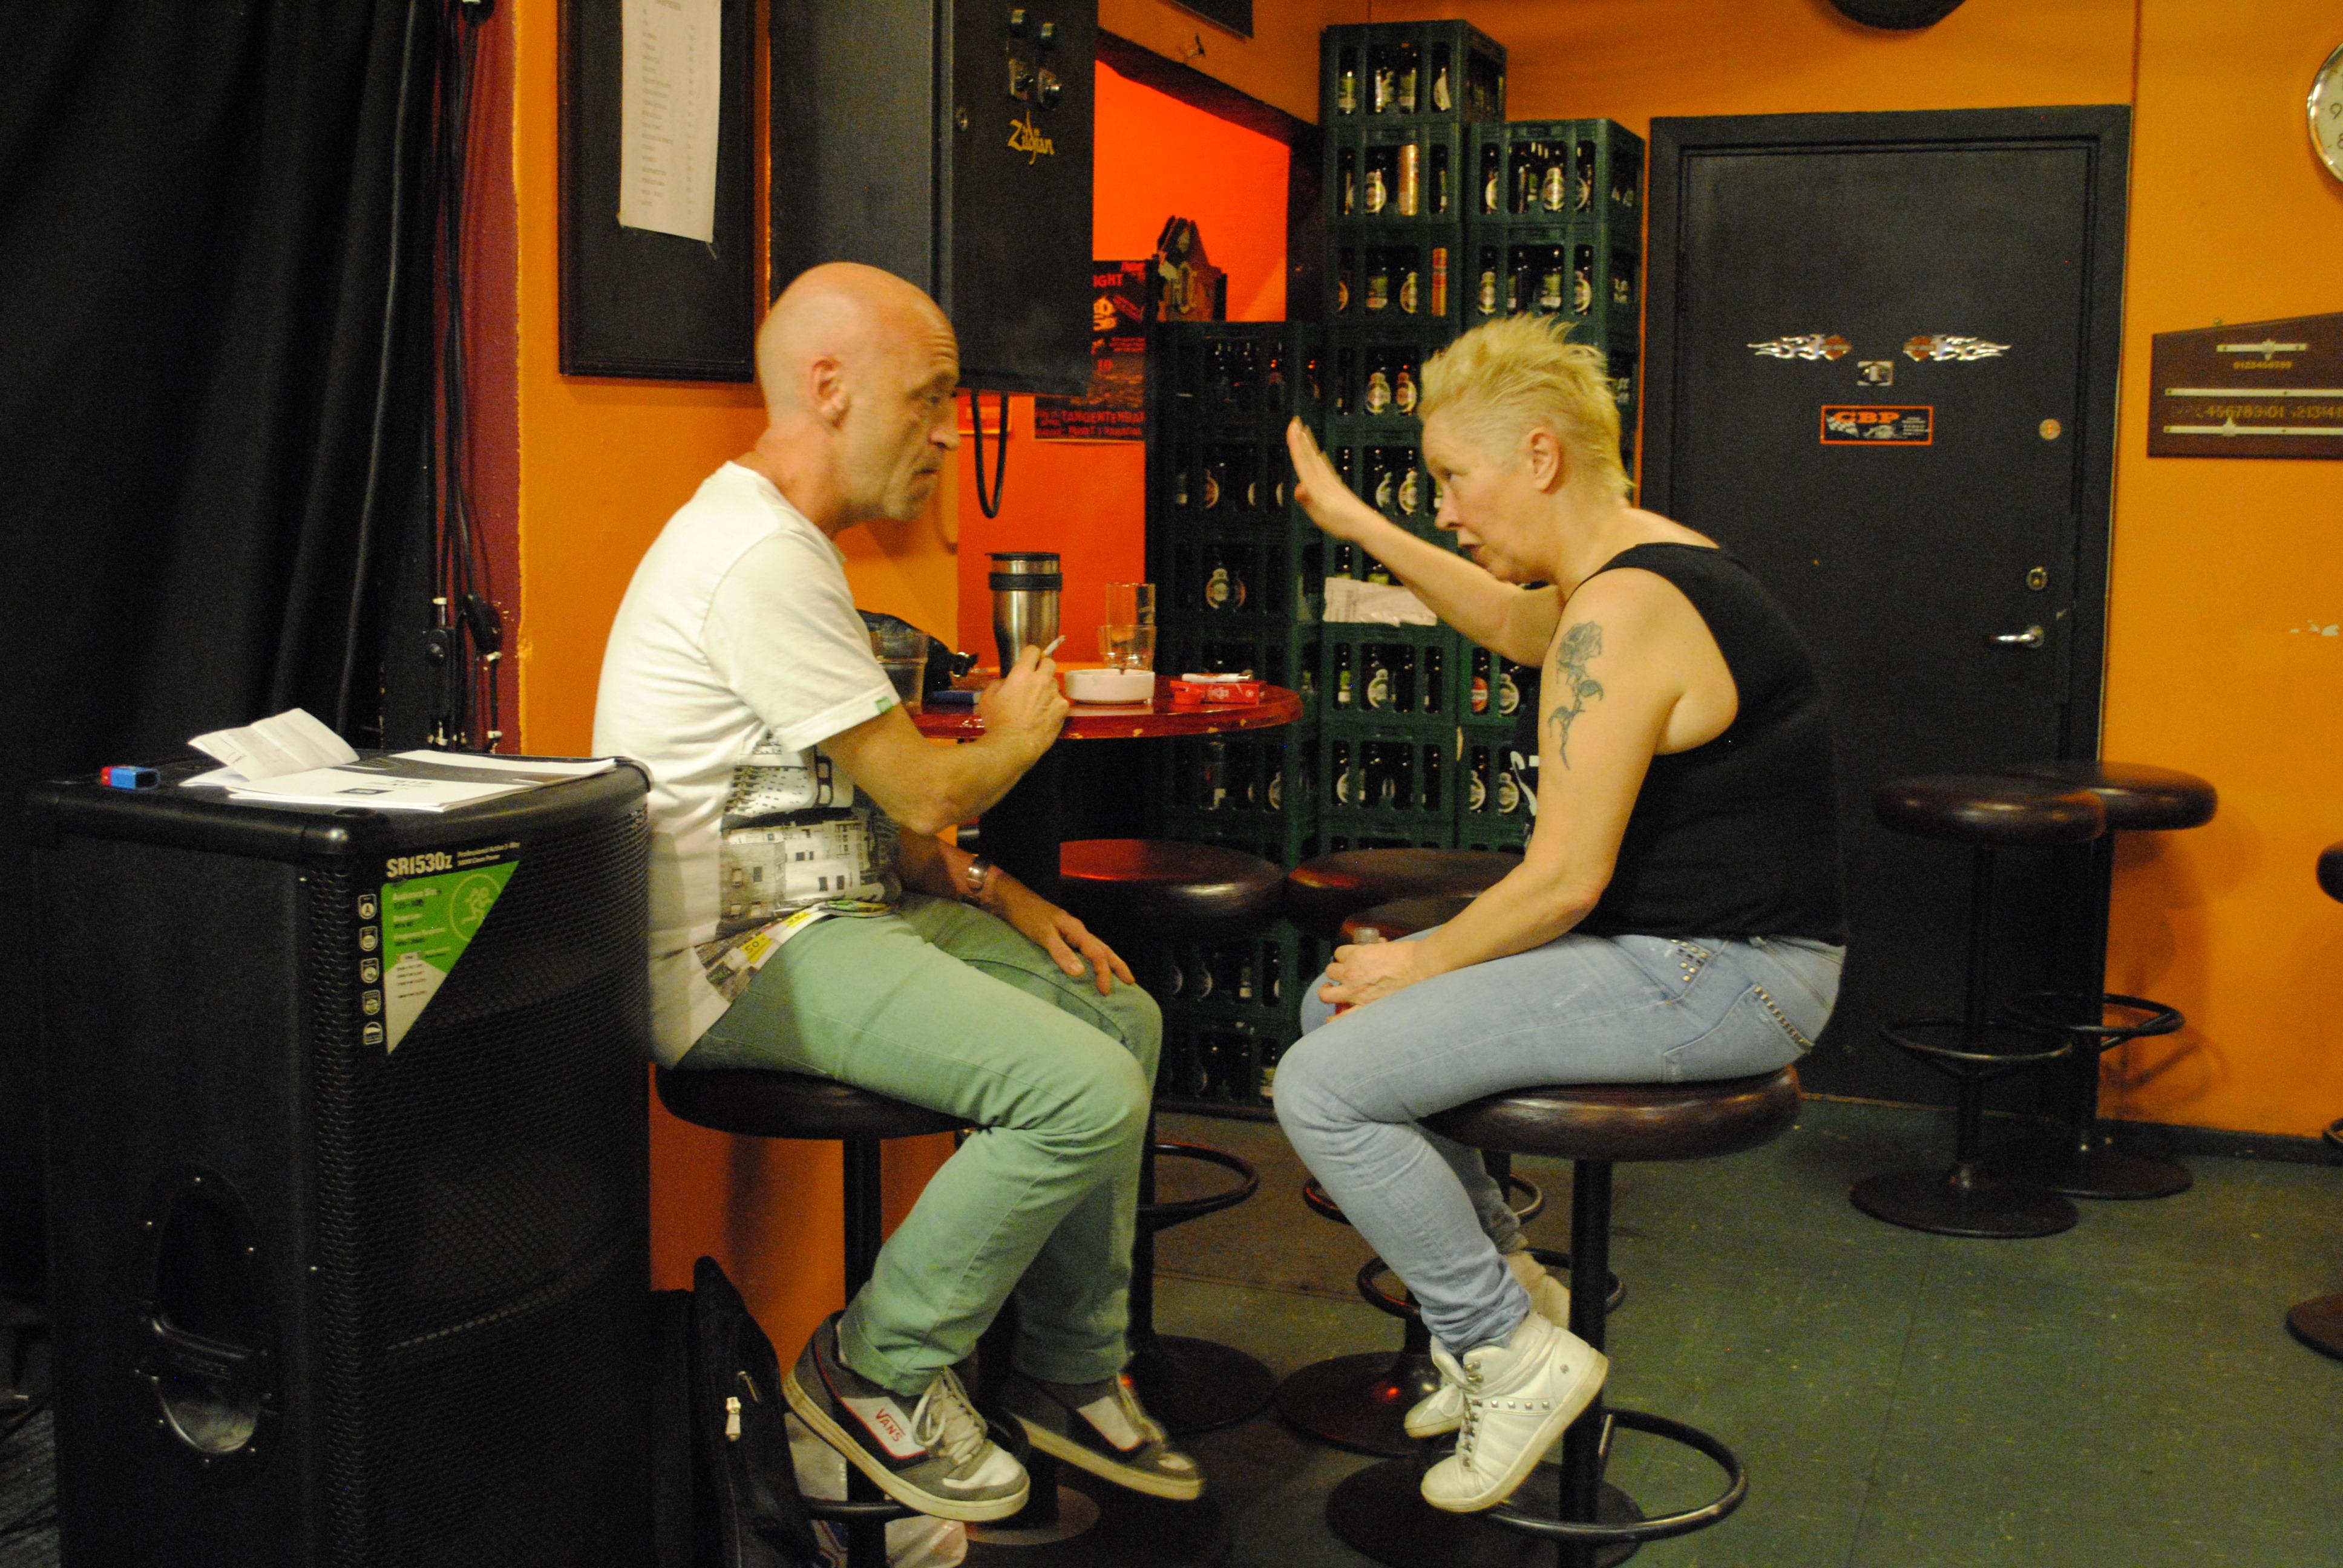 Jan og Monica i øvingslokalet